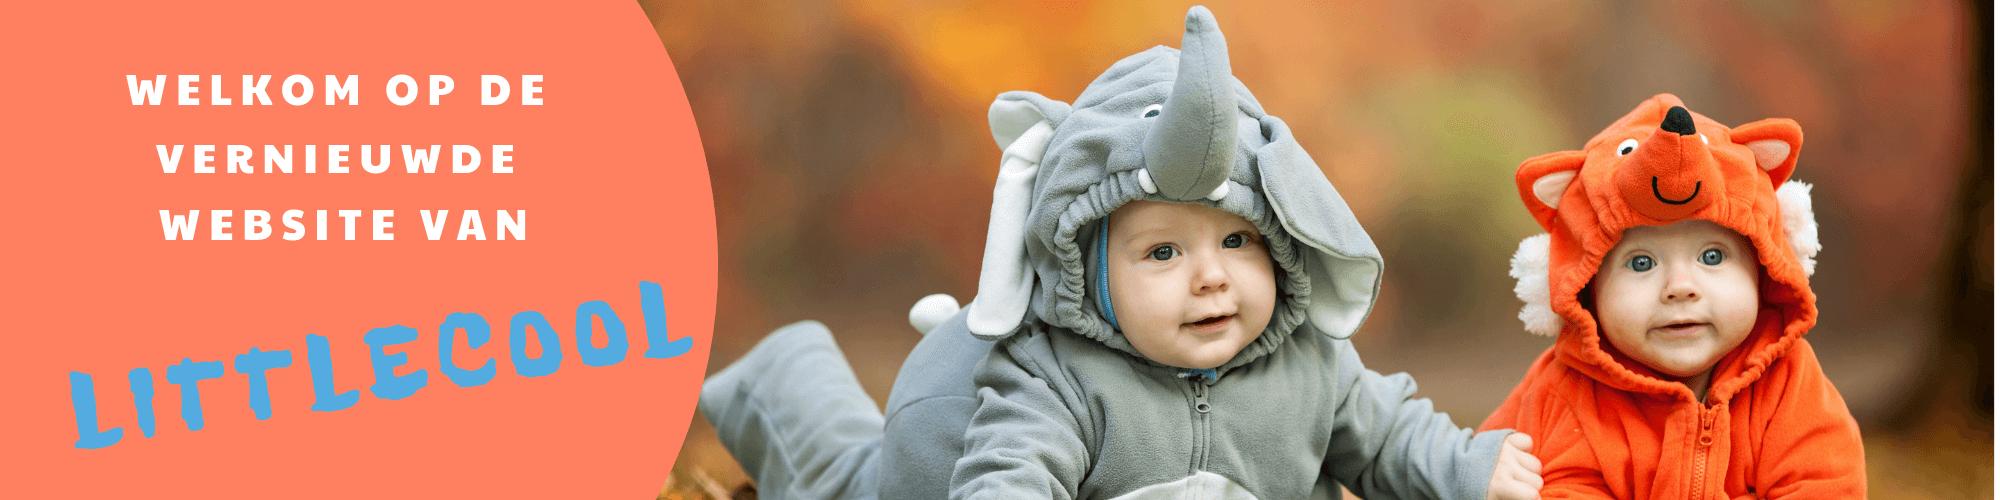 Bij LittleCool vind je de leukste kinderspulletjes voor jouw kleintje. banner 1